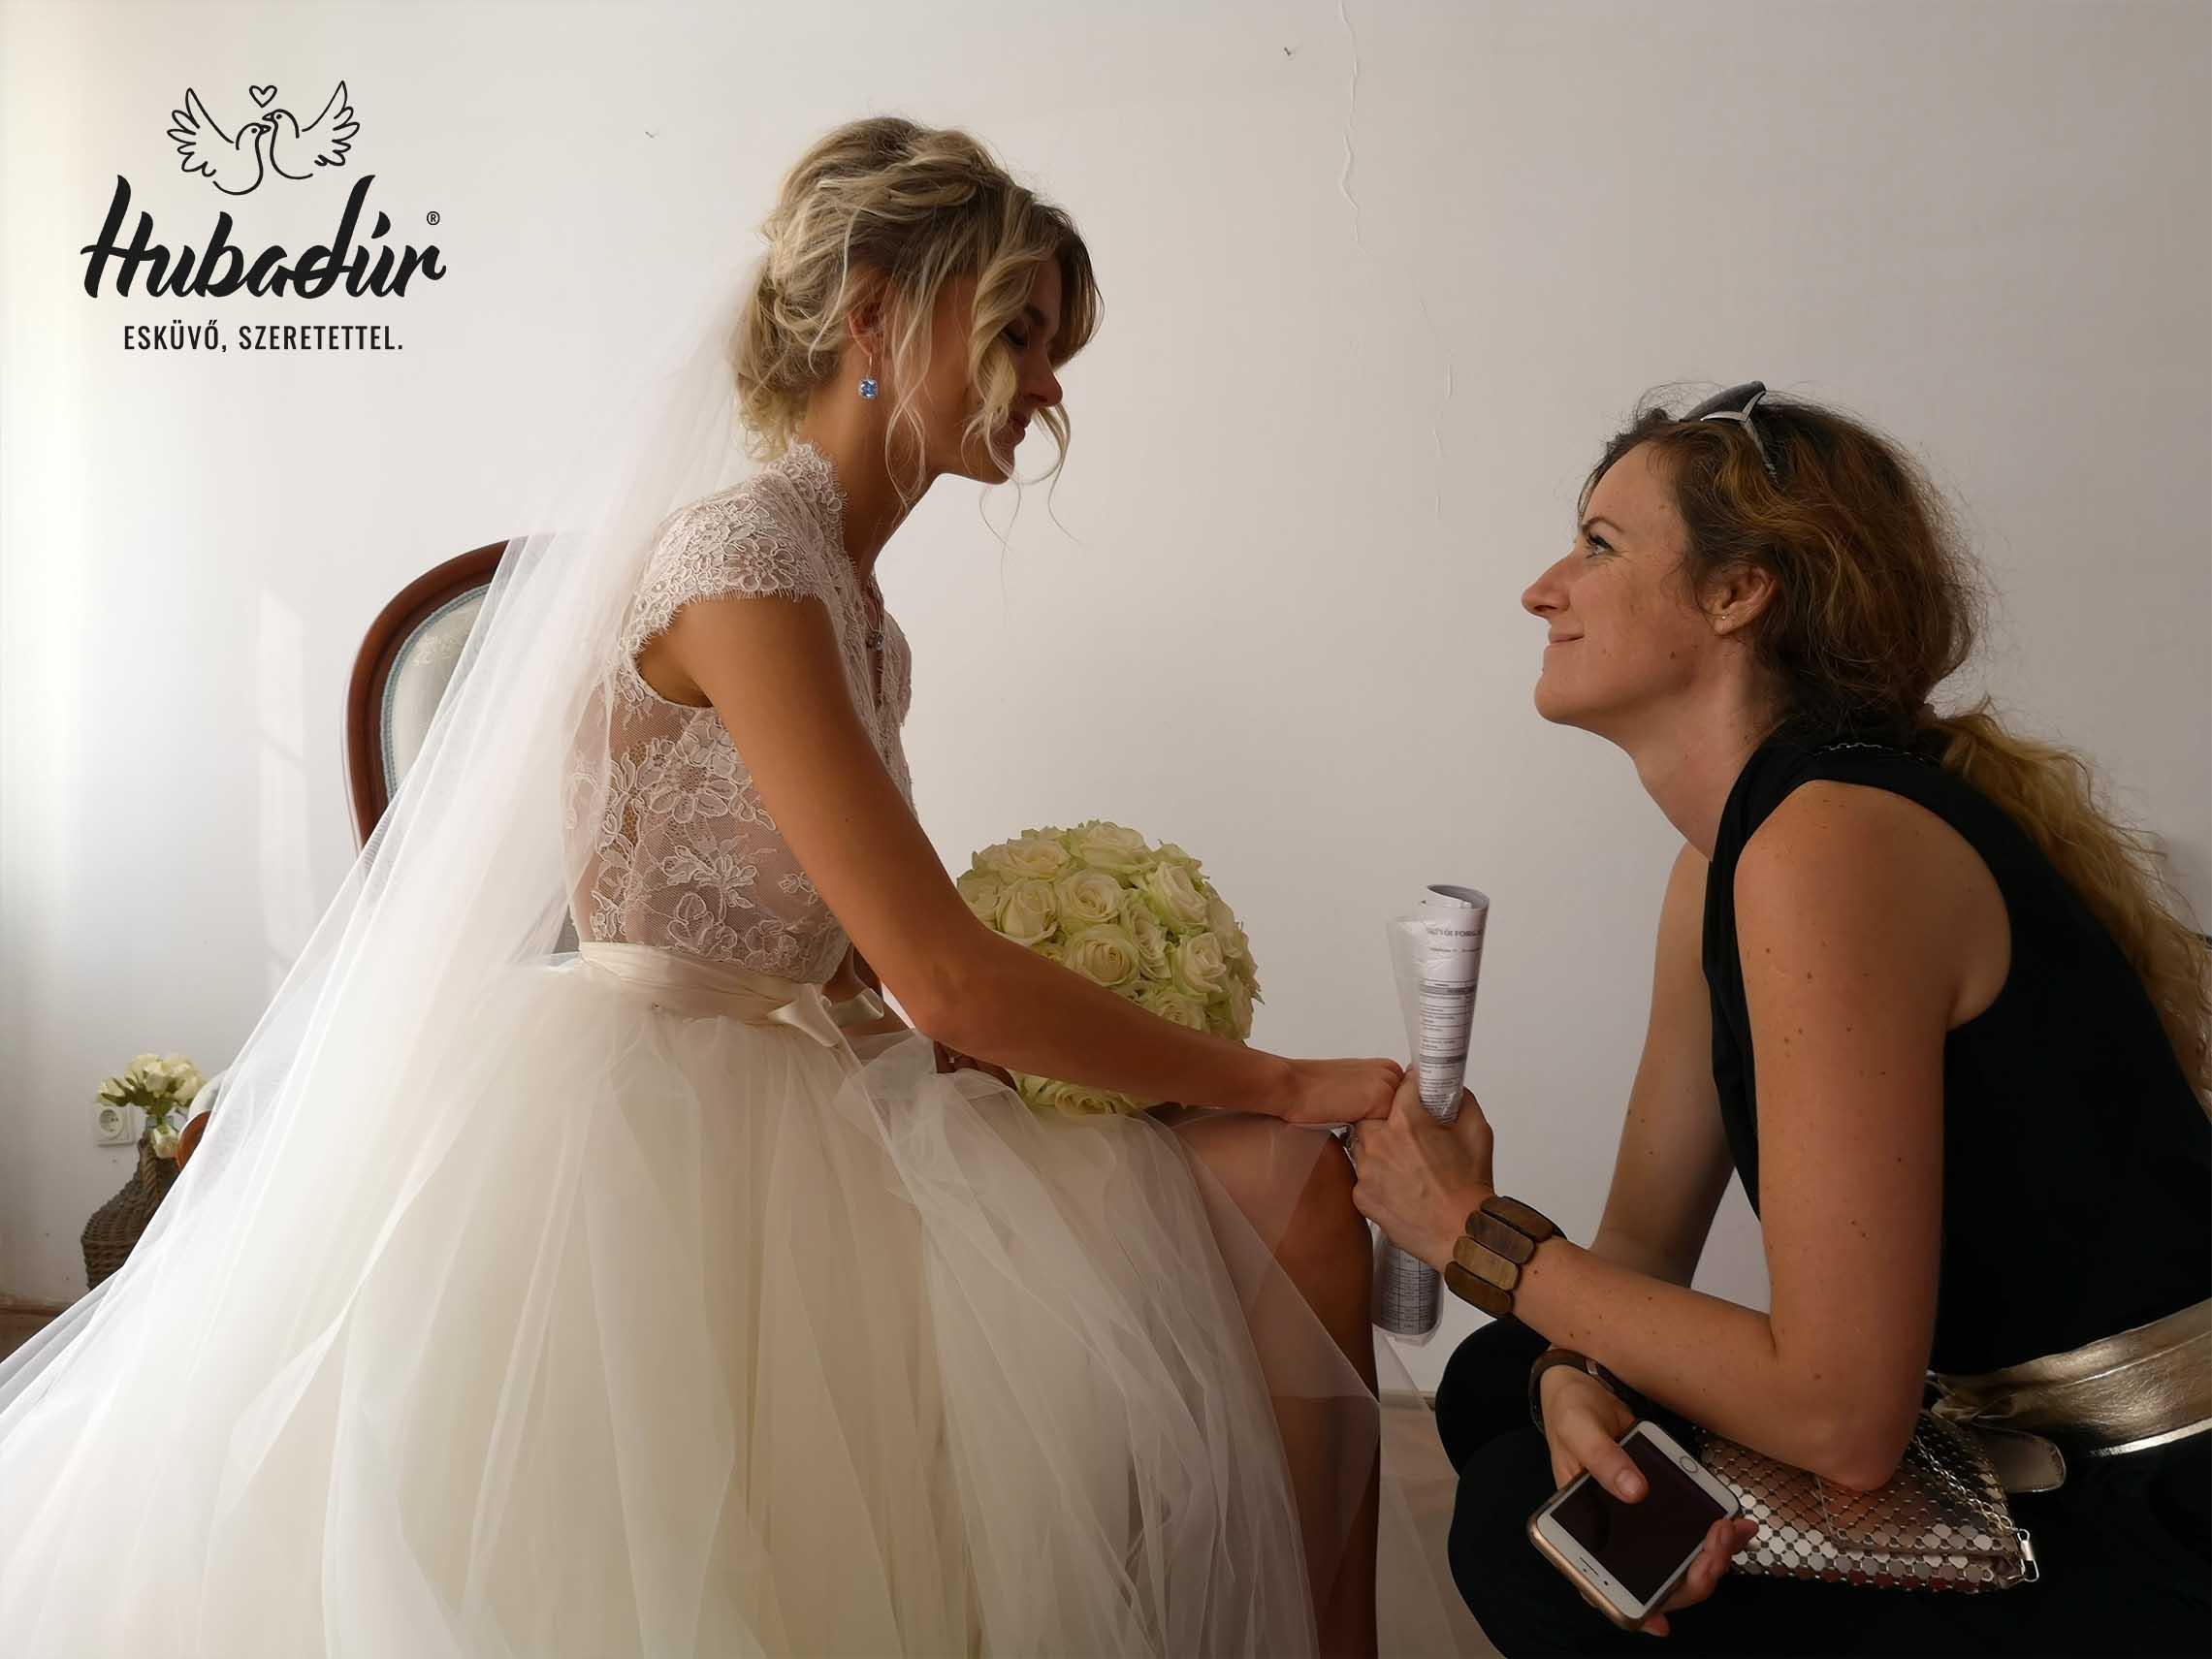 Weisz Fanni esküvője: Utolsó pillanat a bevonulás előtt